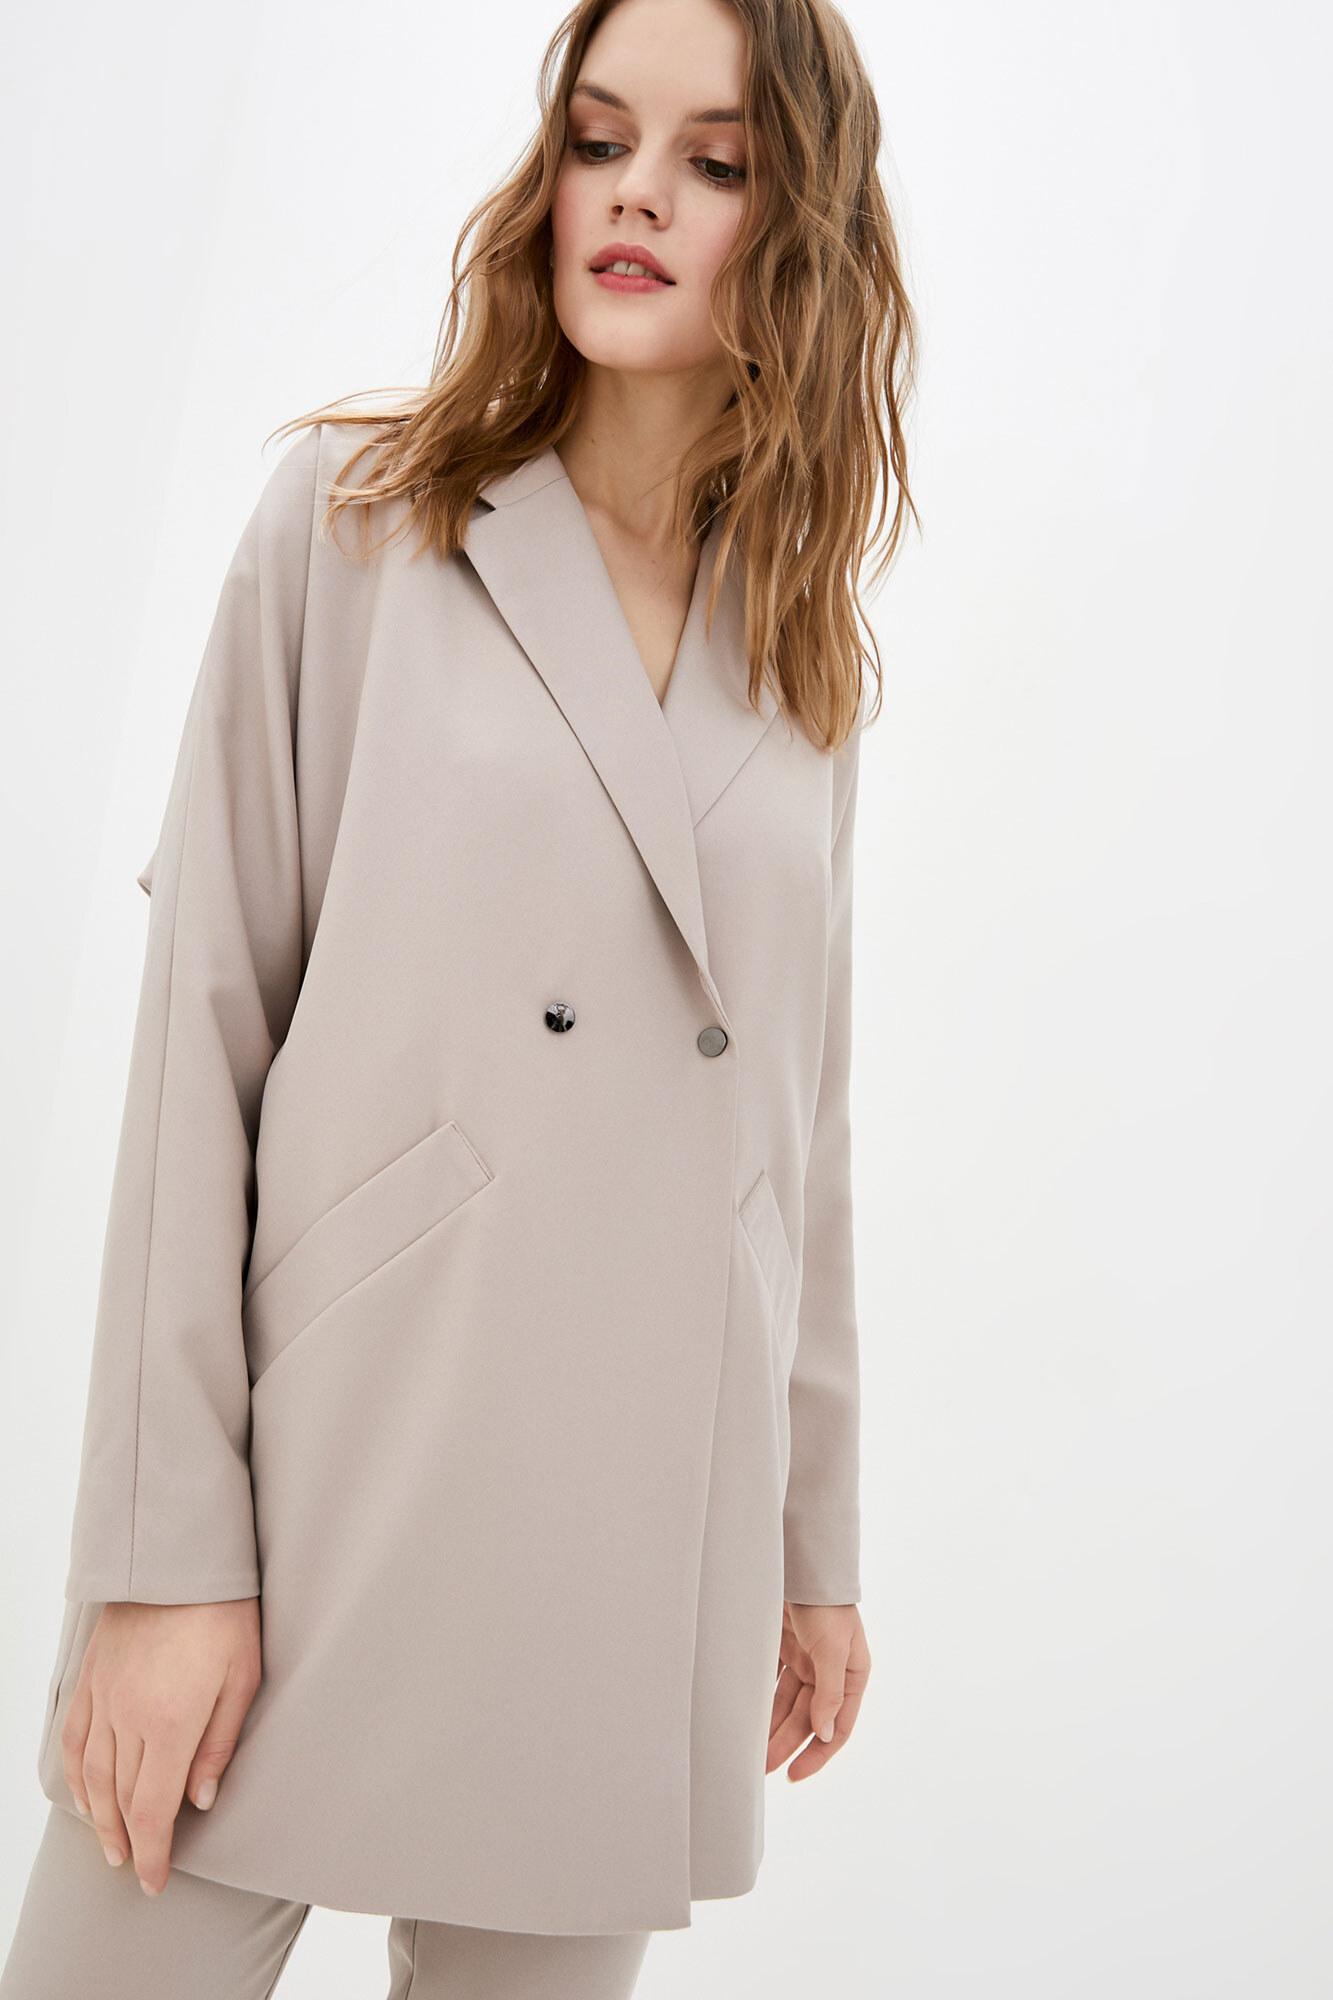 Кофейный пиджак оверсайз длинный на пуговицах GEN